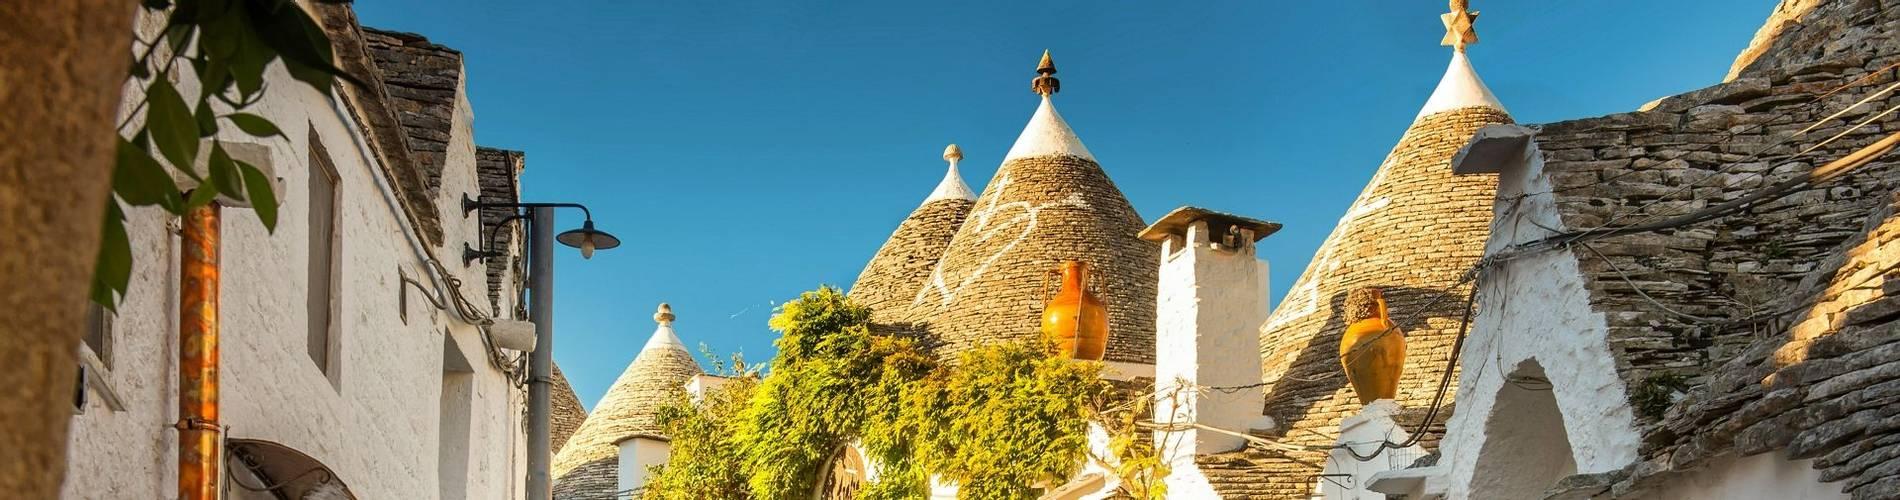 Alberobello, Puglia.jpg